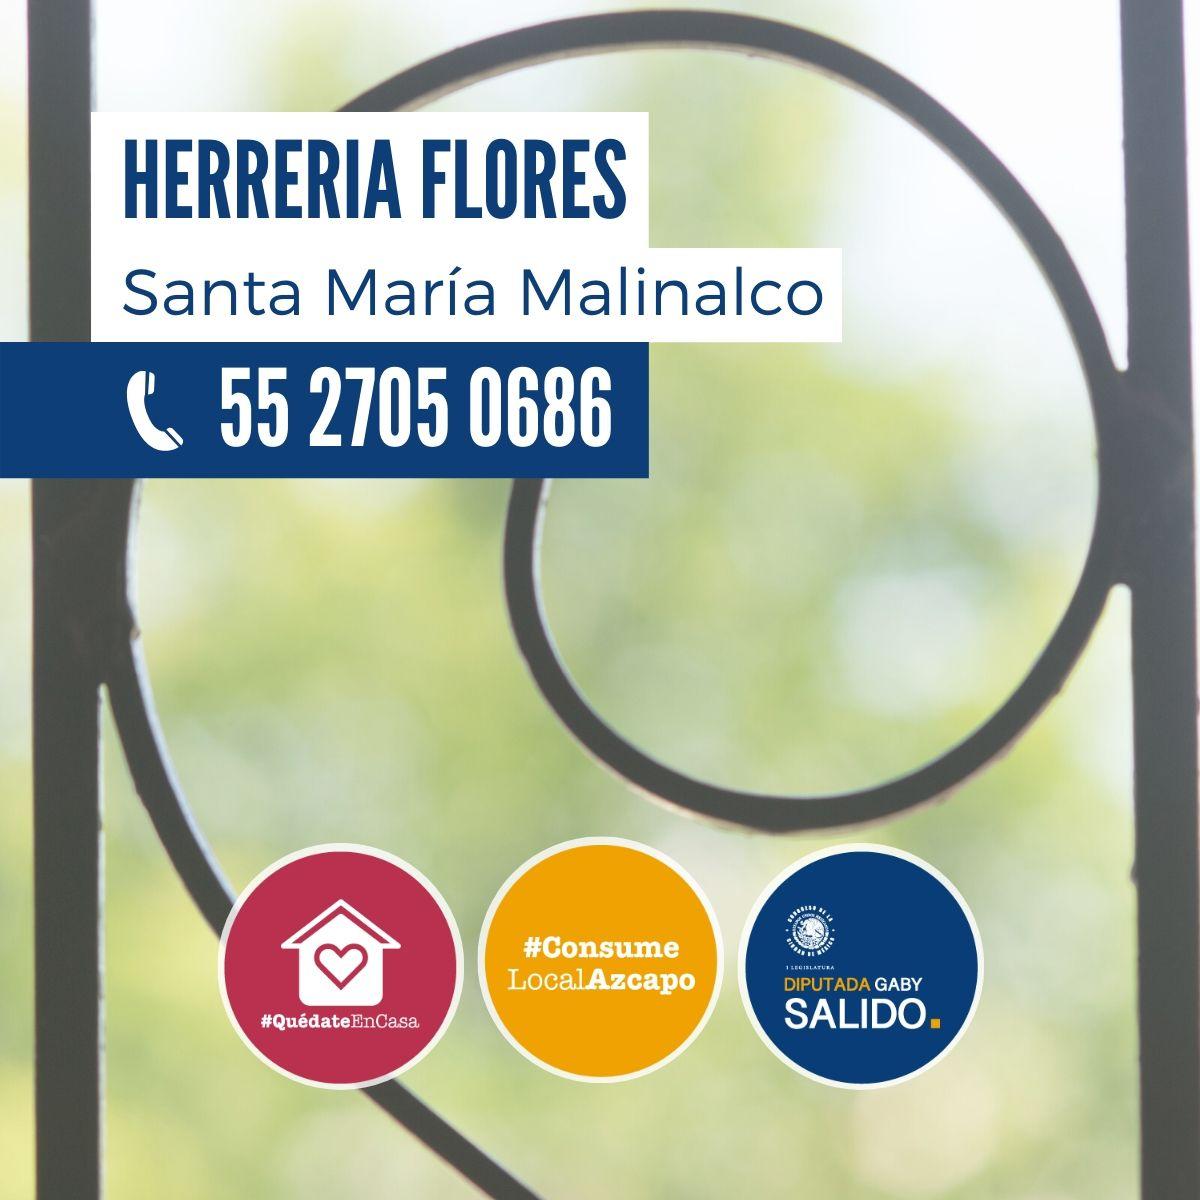 Herrería Flores